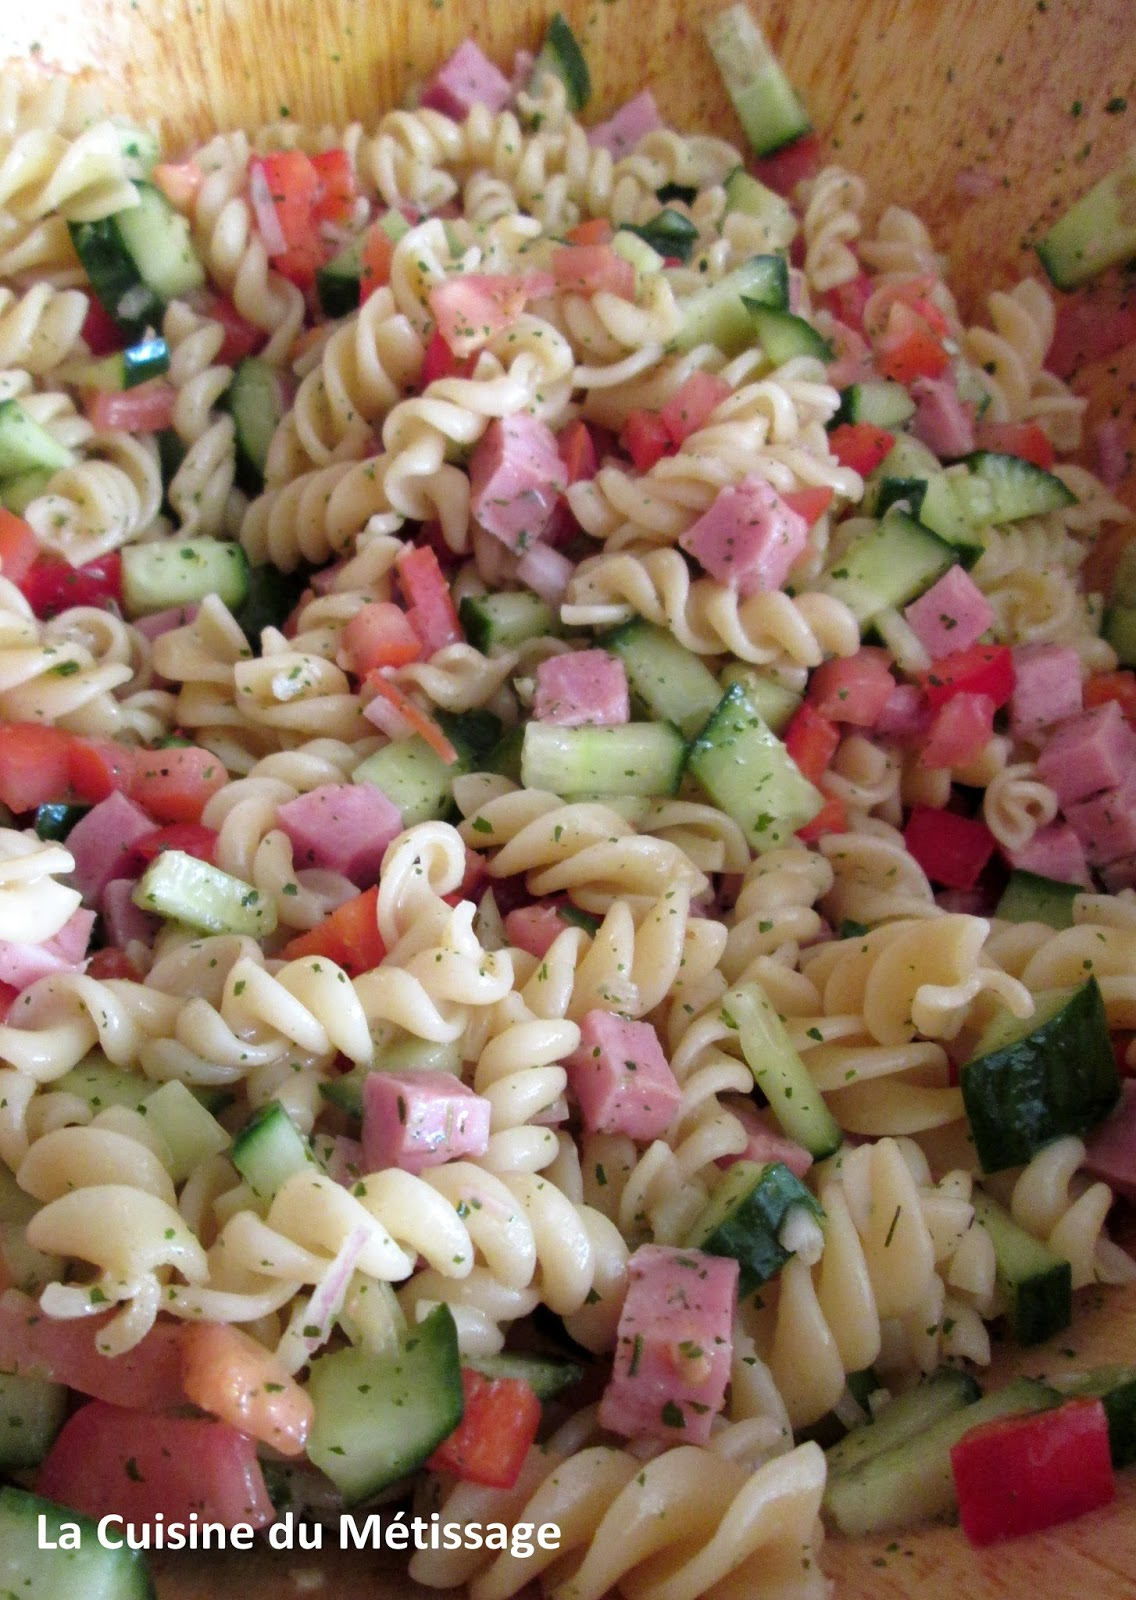 Salade de p tes au jambon et l gumes cuisine et m tissage - Salade de pates jambon ...